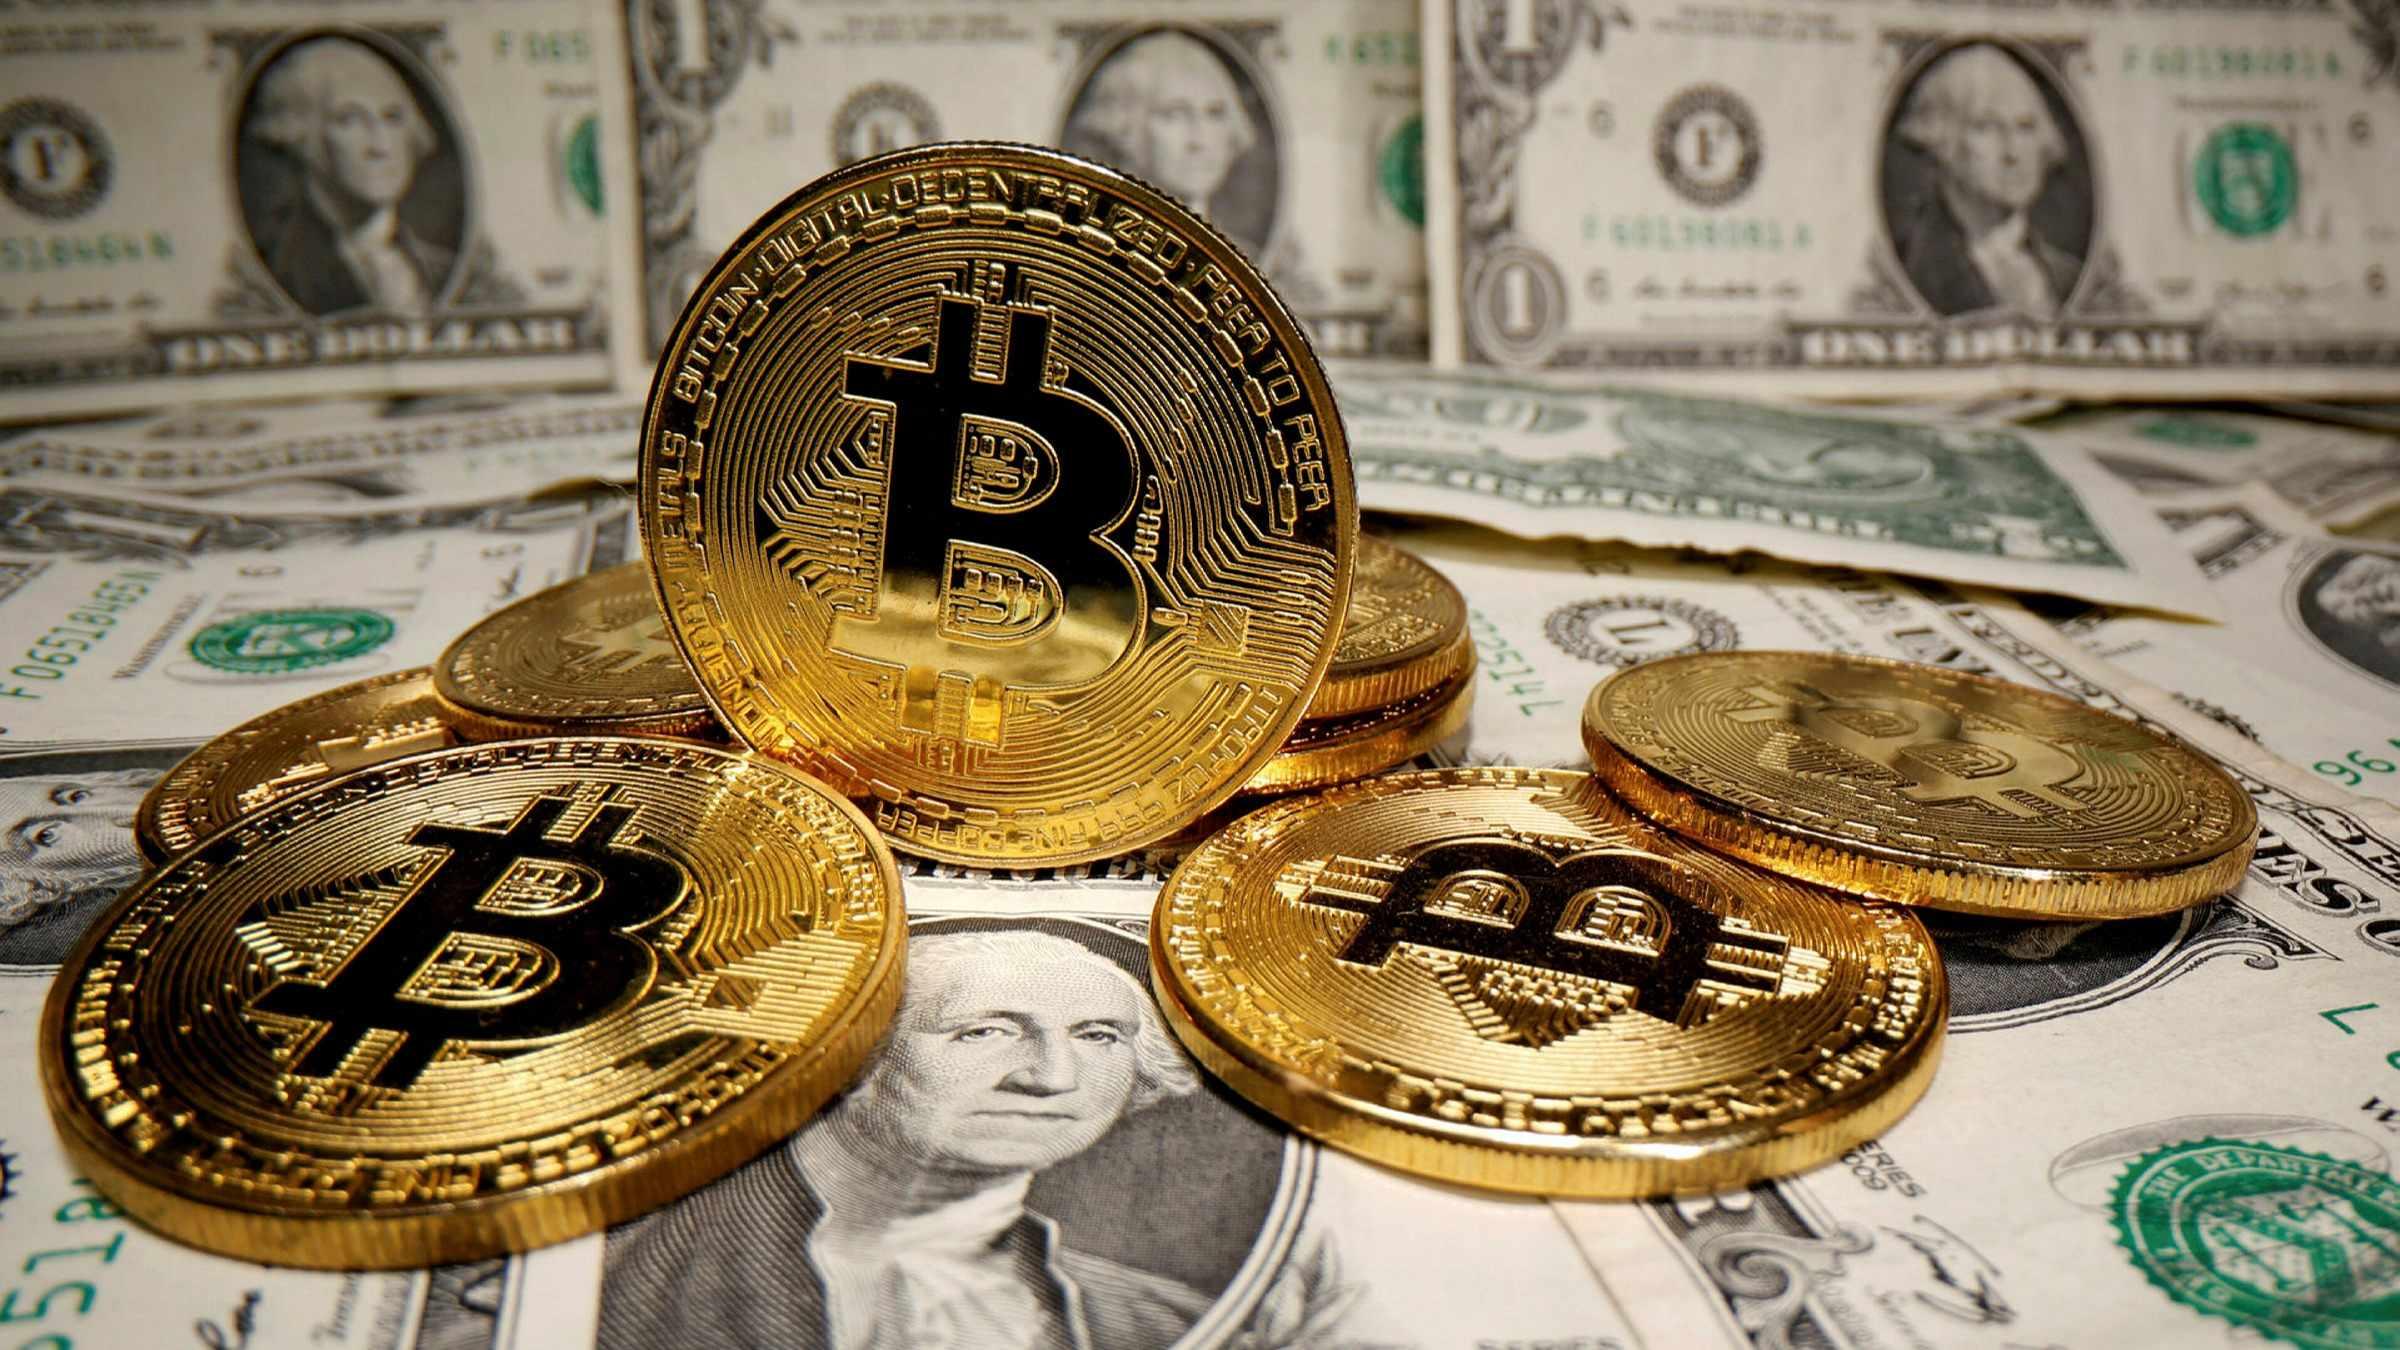 dib bitcoin credibility access